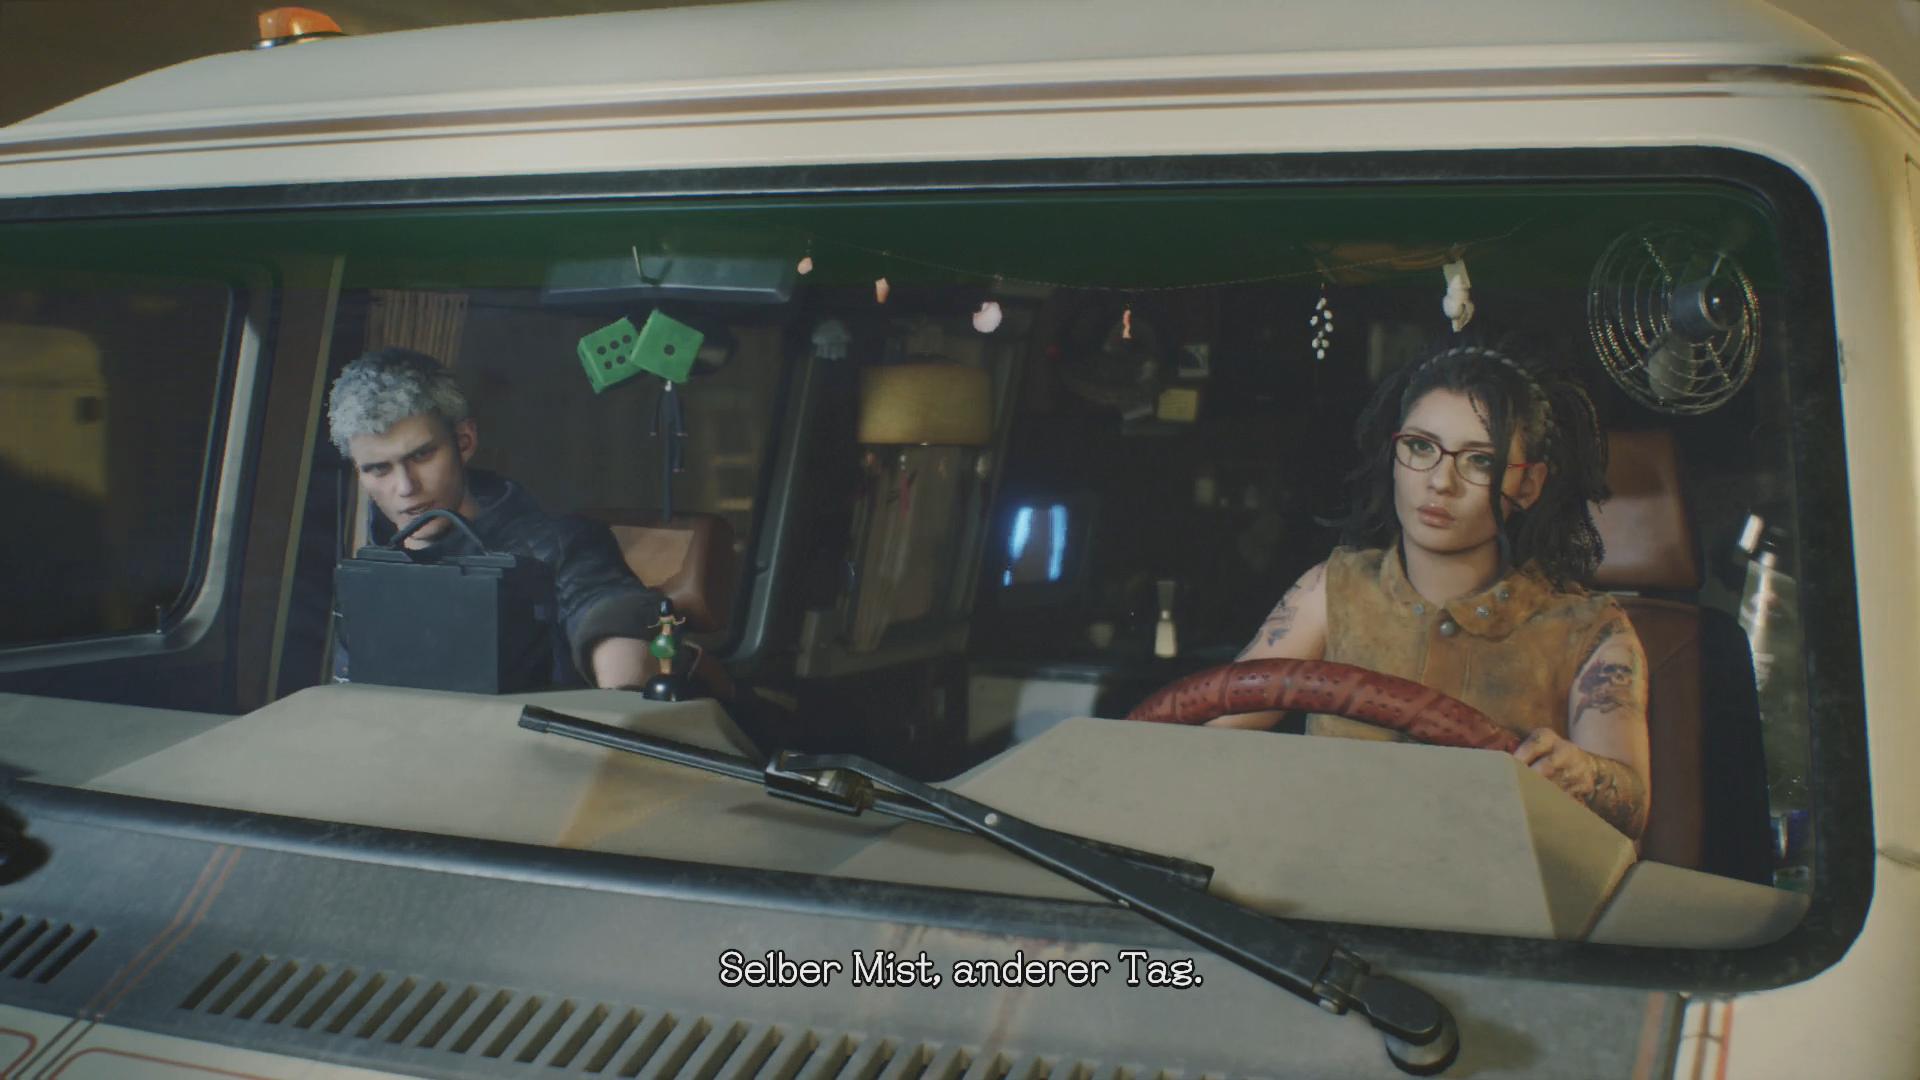 Devil May Cry 5 im Test: Höllische Action mit Schulnote B - Nero und Nico sind zusammen mit dem Van unterwegs - einer Art Hauptquartier der Helden. (Bild: Capcom/Screenshot: Golem.de)